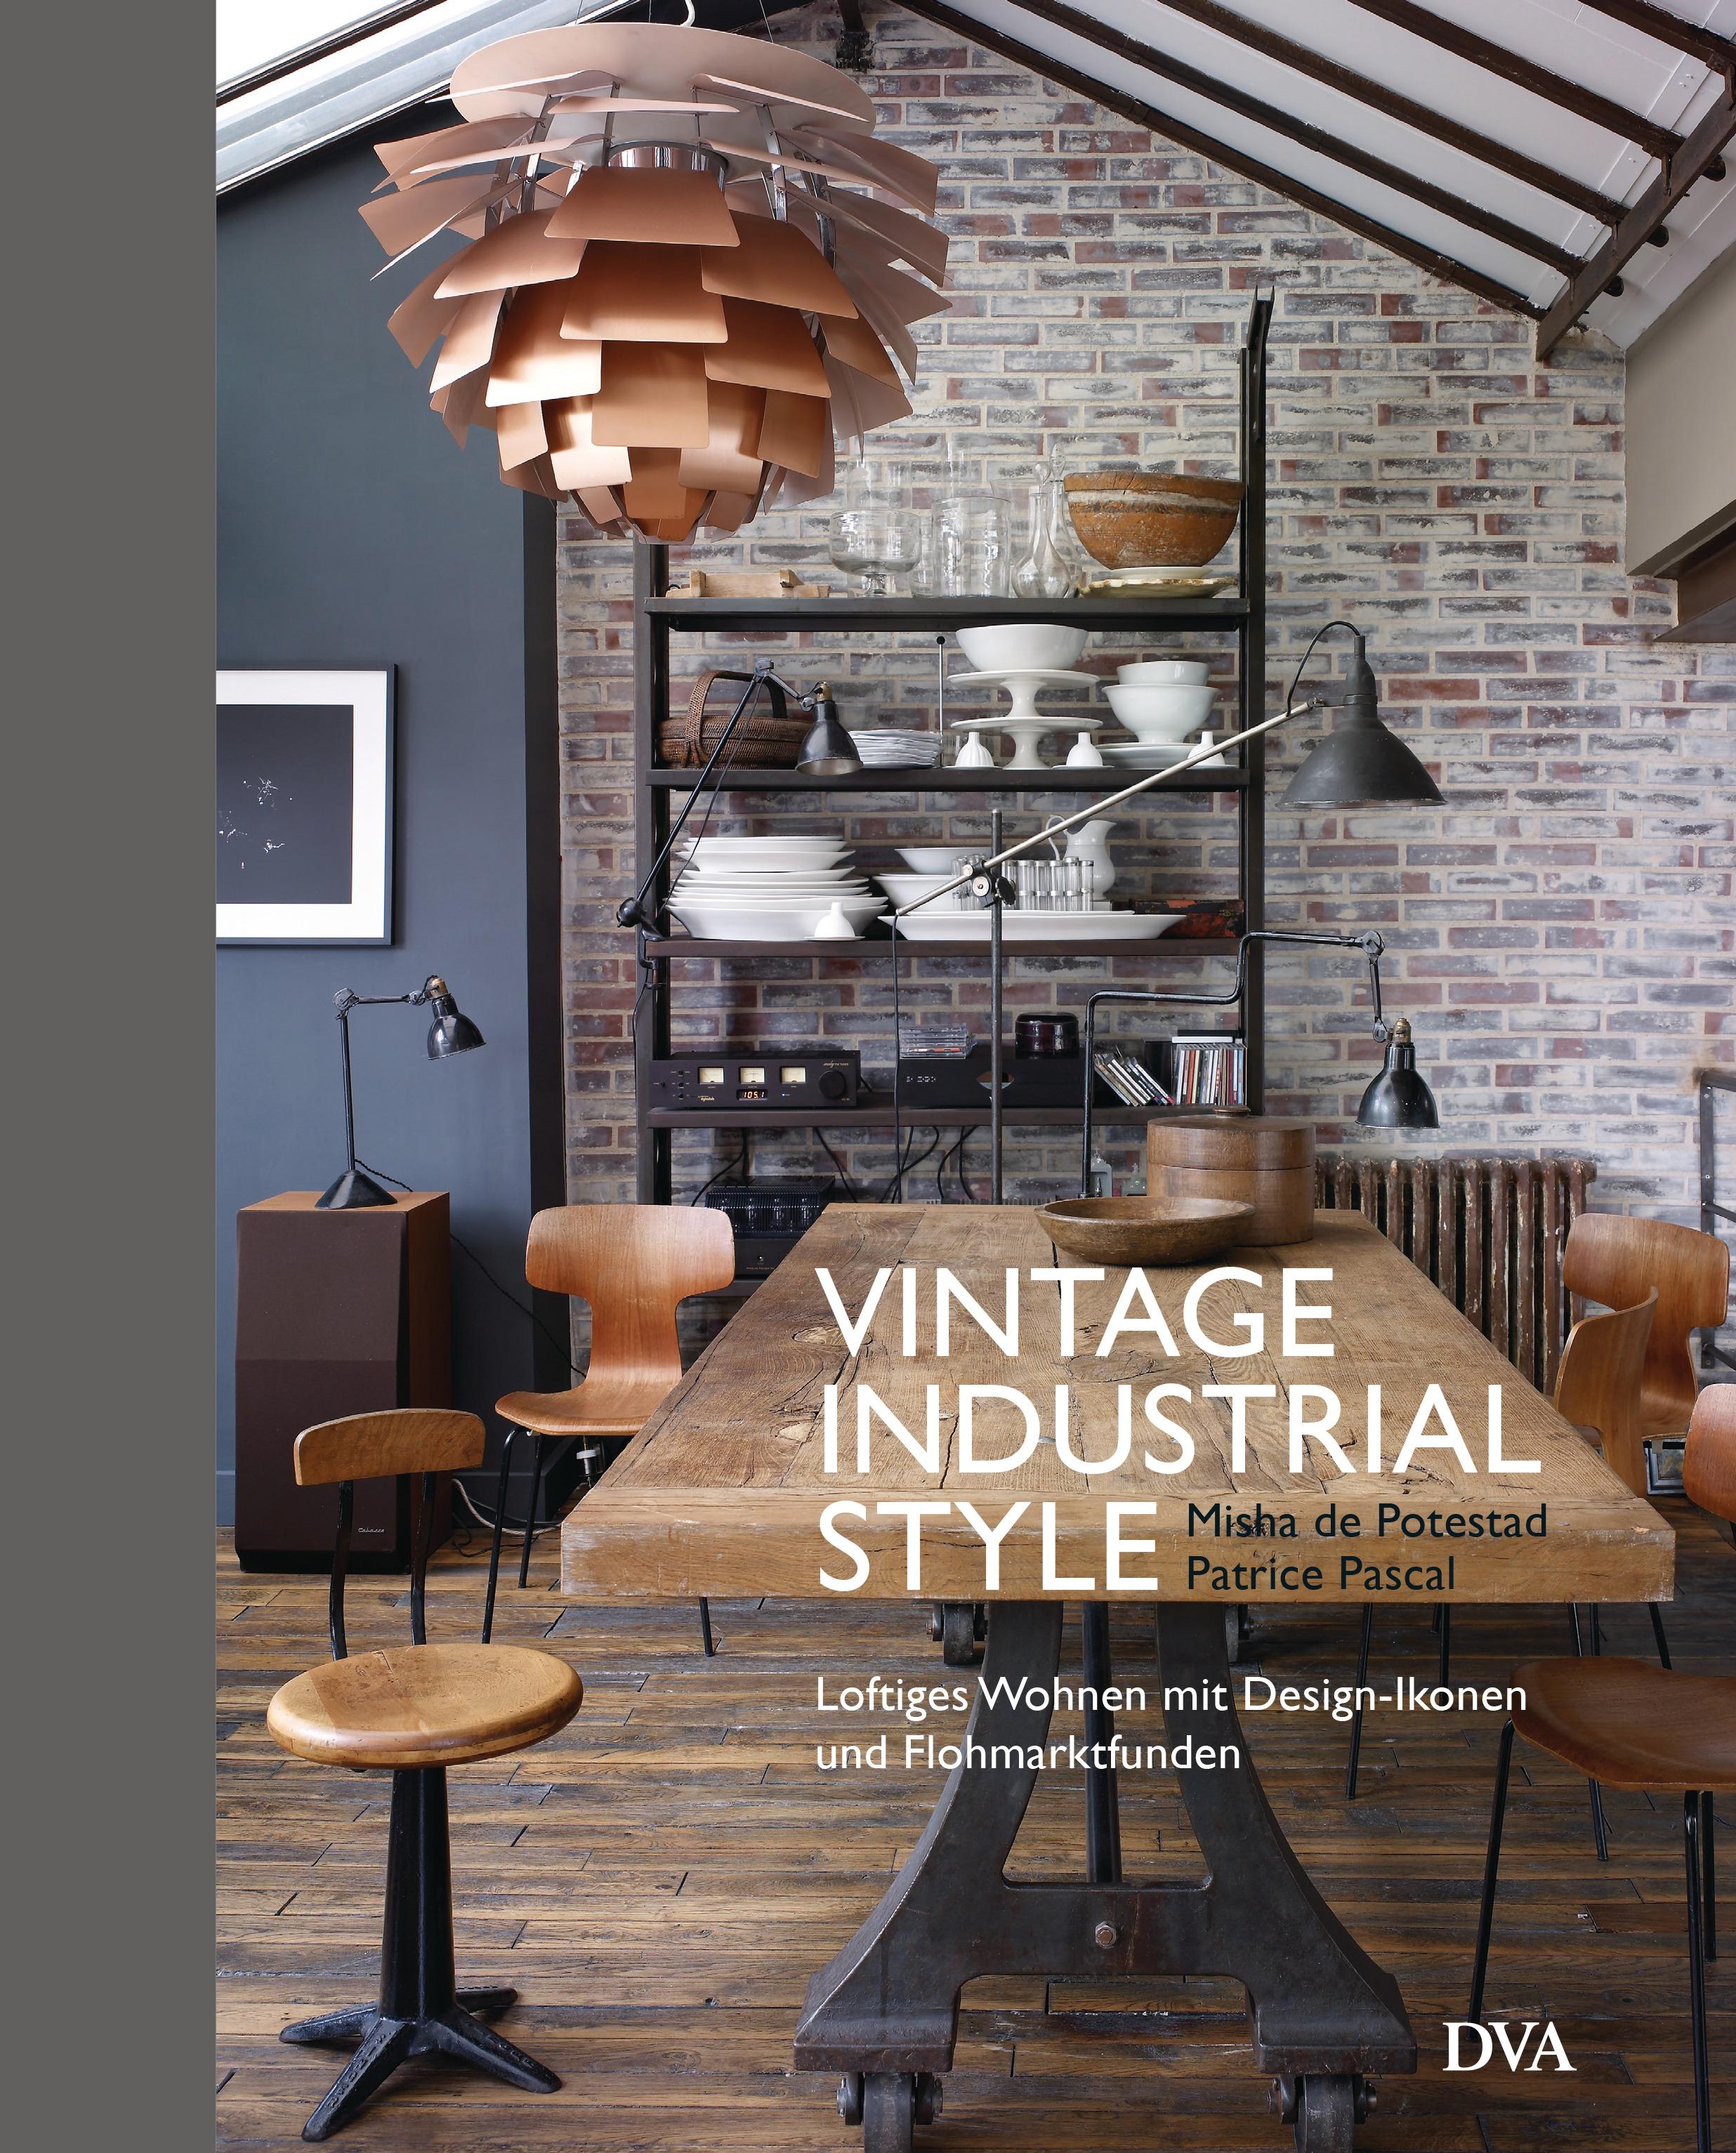 Vintage Industrial Style: Loftiges Wohnen mit Design-Ikonen und Flohmarktfunden - Misha de Potestad